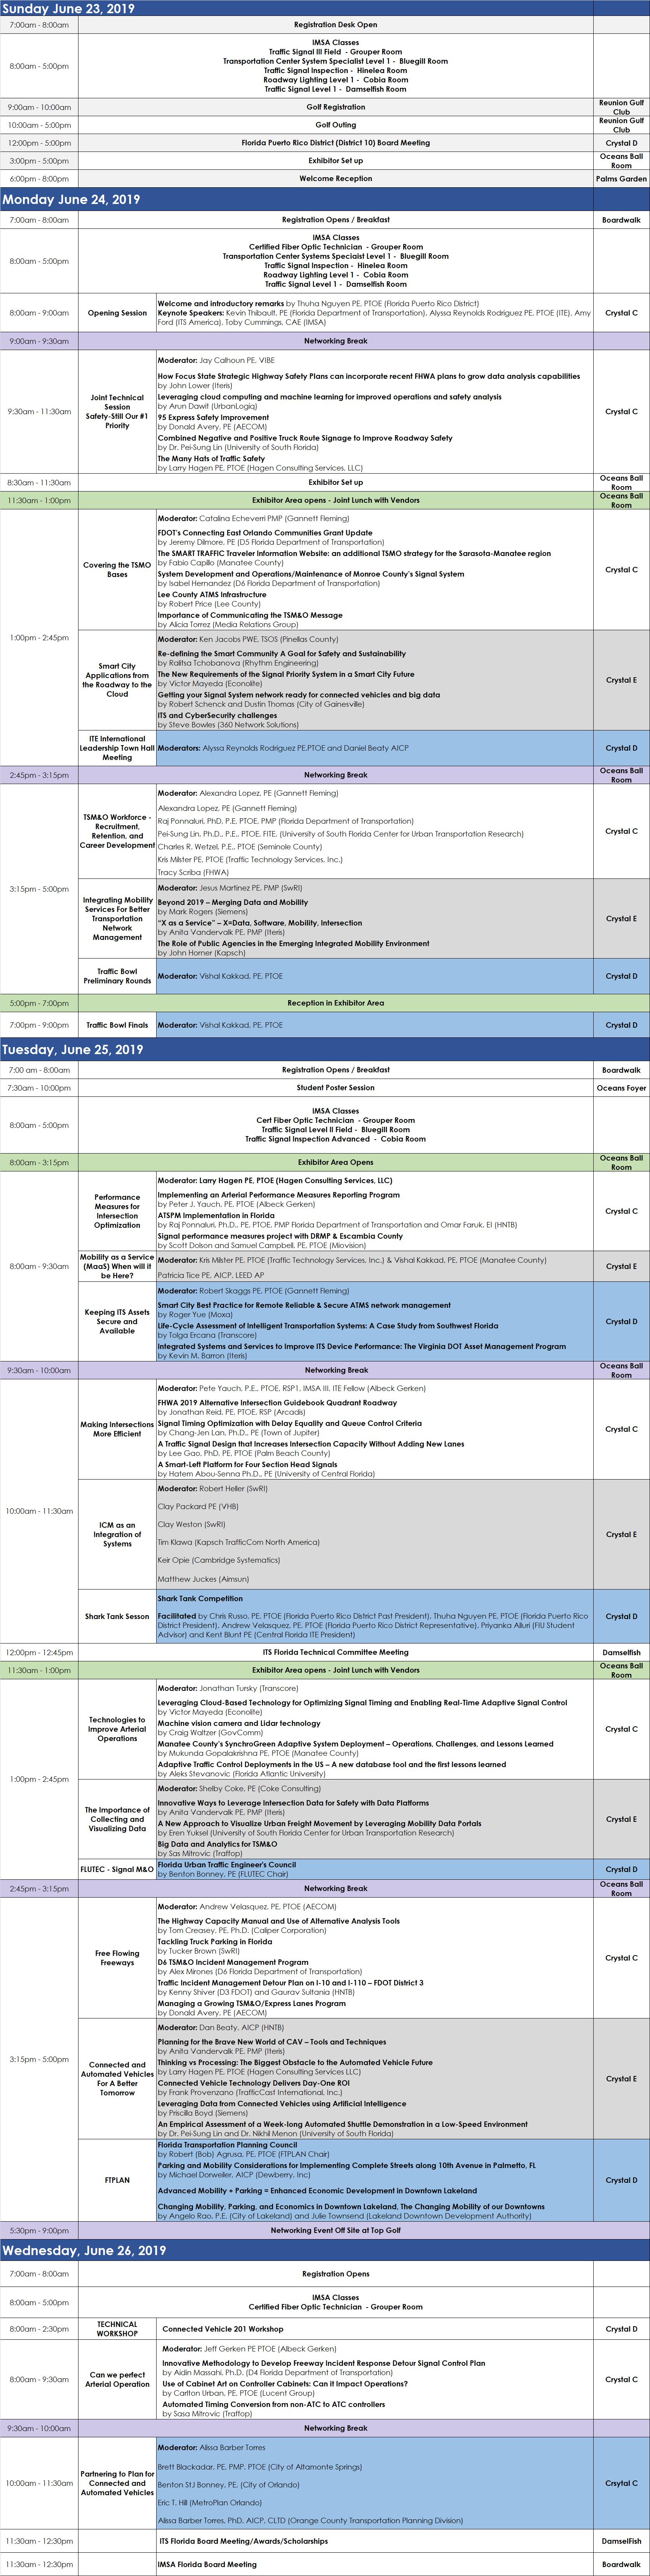 I3 Conference Agenda V1_008.png